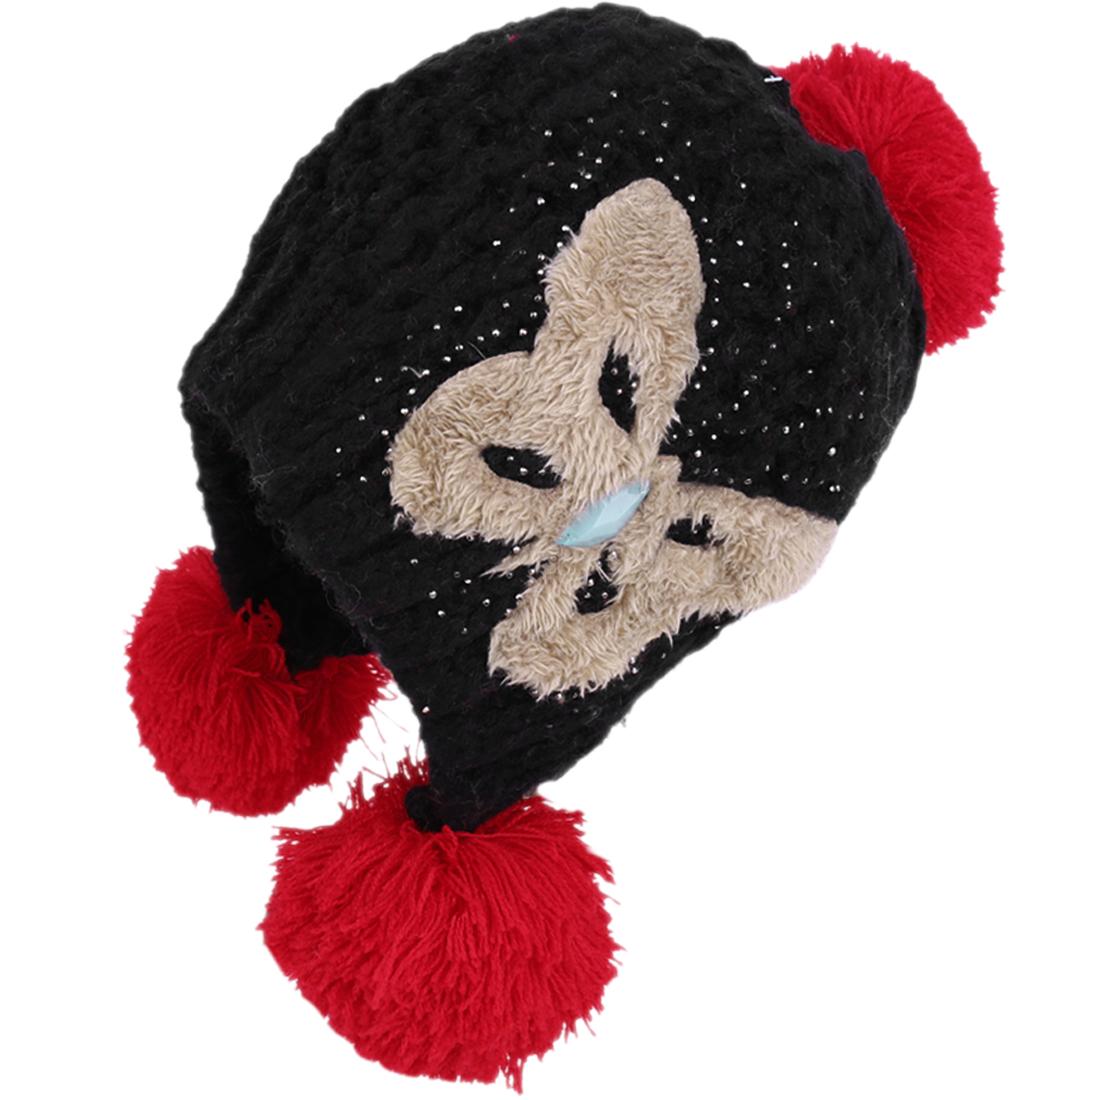 Black Pom-pom Ball Winter Fashion Warm Beanie Hat for Women